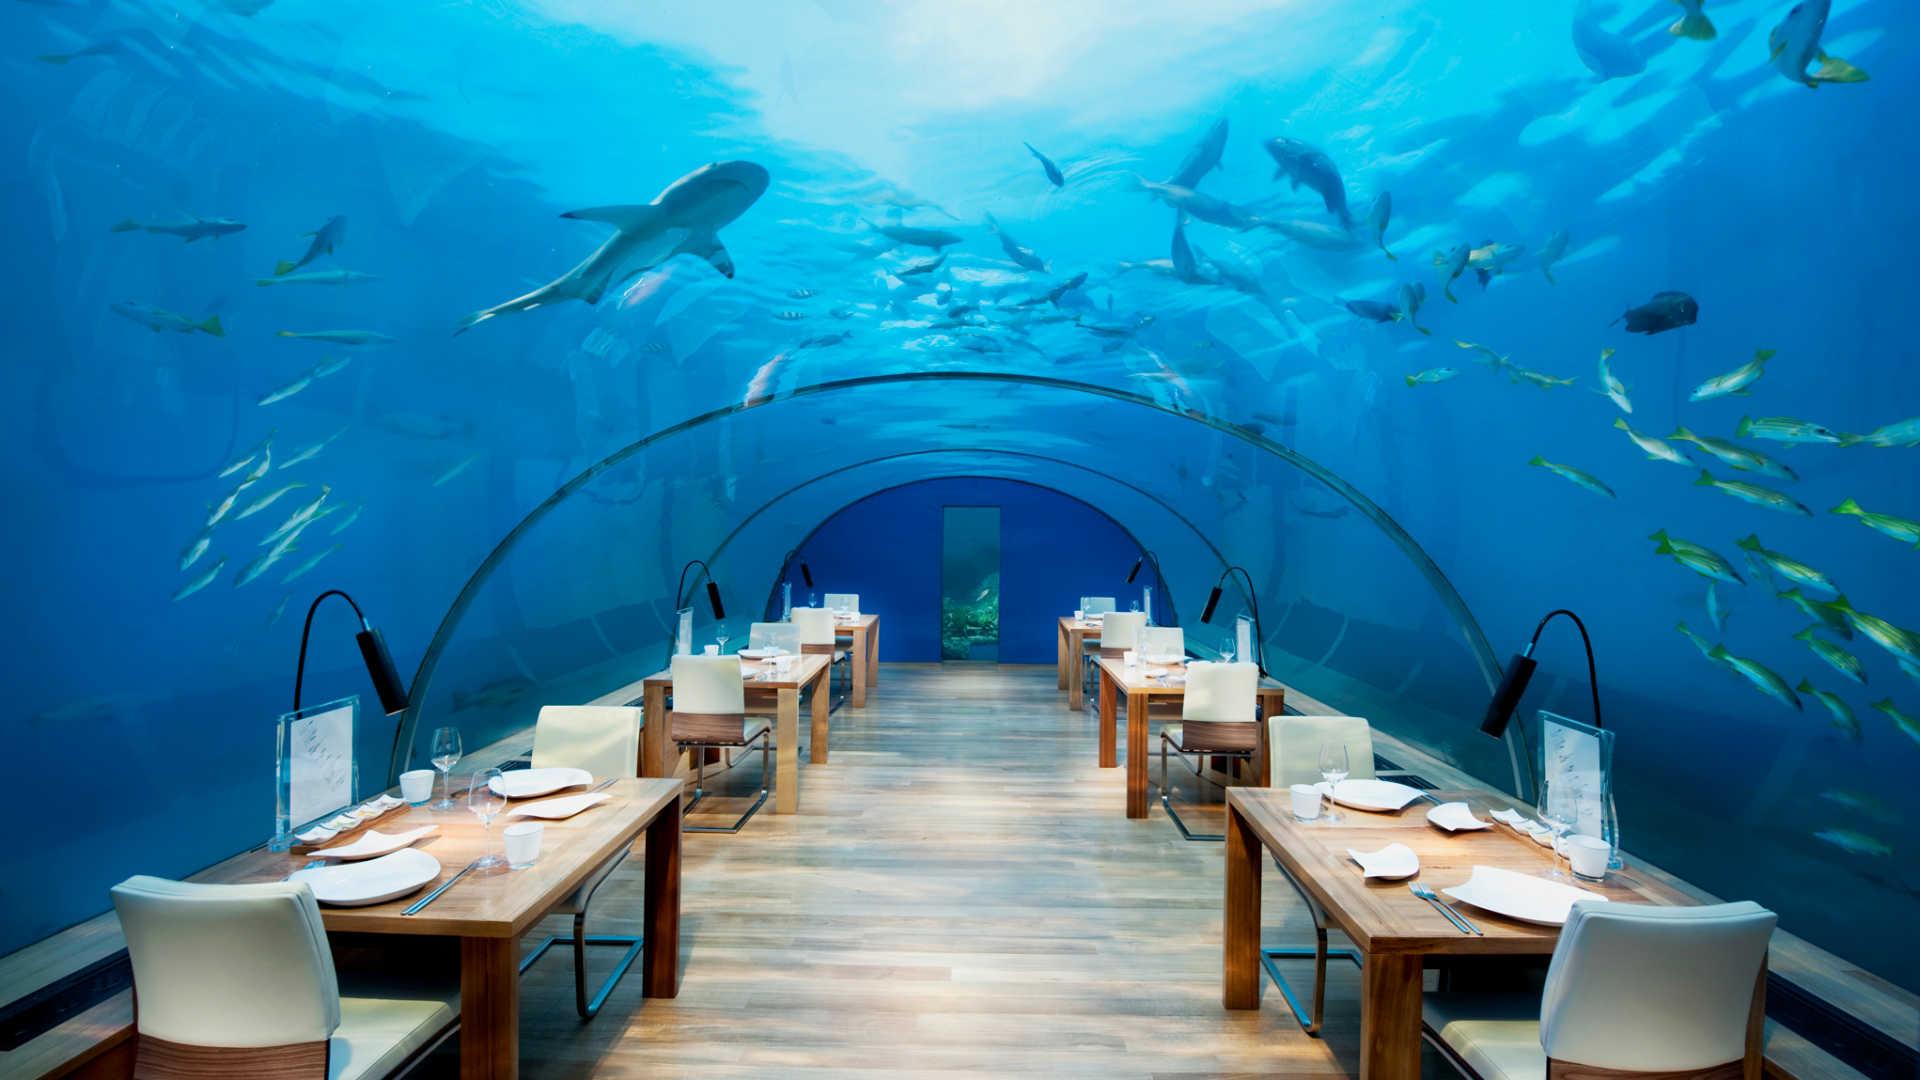 du-lich-nghi-duong-_-Maldives_elle-man-3